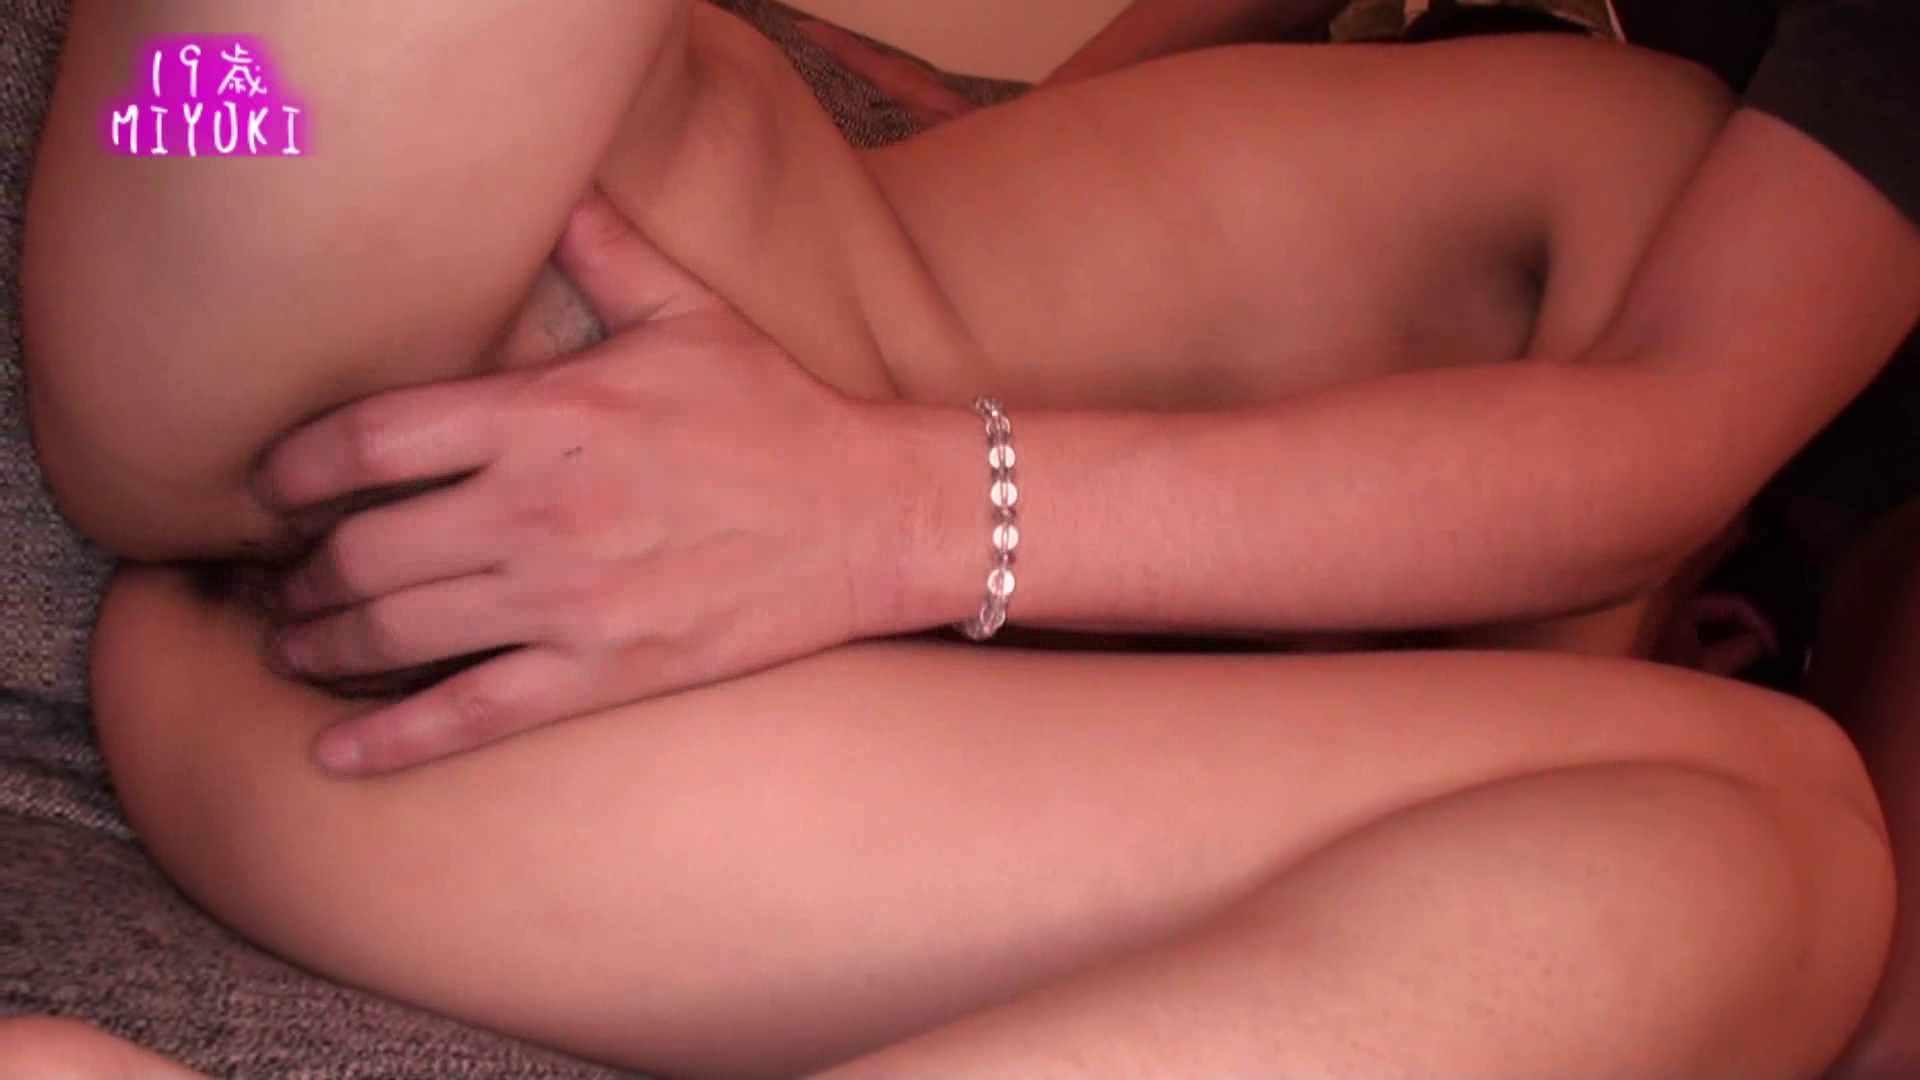 19歳MIYUKIちゃんのフェラ気持ち良さそうです 素人達のヌード   フェラ  90連発 26